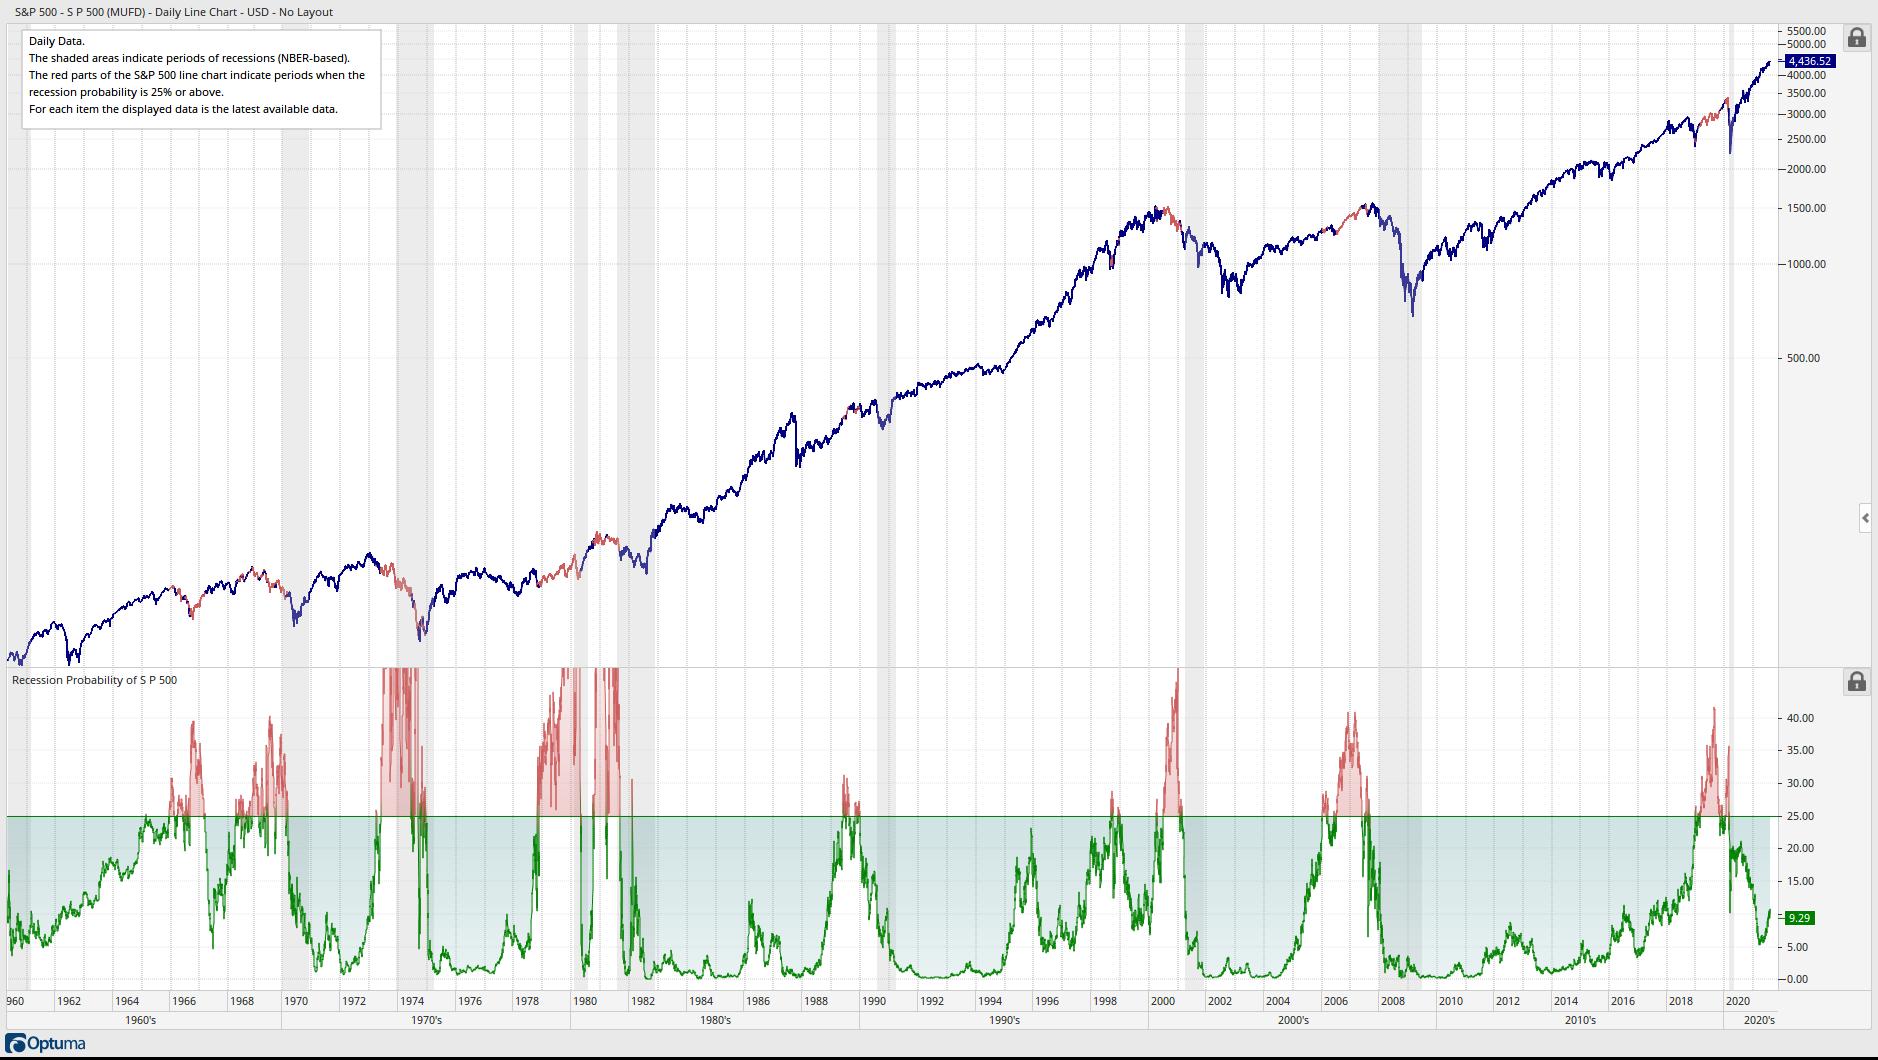 S&P 500 - Recession Probability